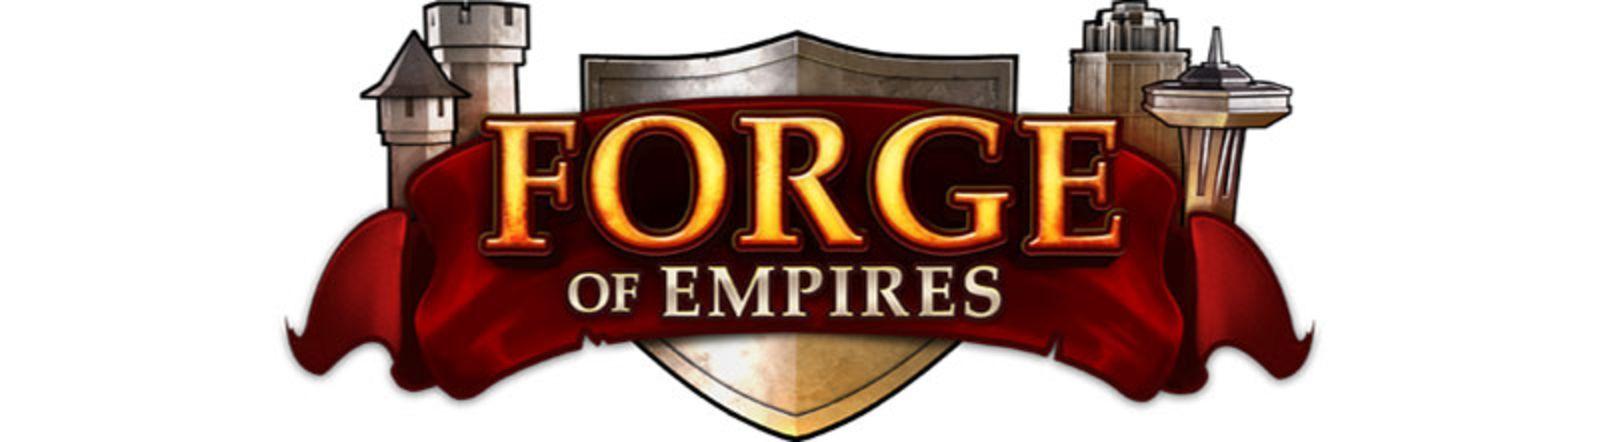 Forge of Empires - Lidera a tu imperio a lo largo de diferentes épocas y  crea tu propia metrópoli online. Forge of Empires  ¡el juego de estrategia! 0905d936348ba